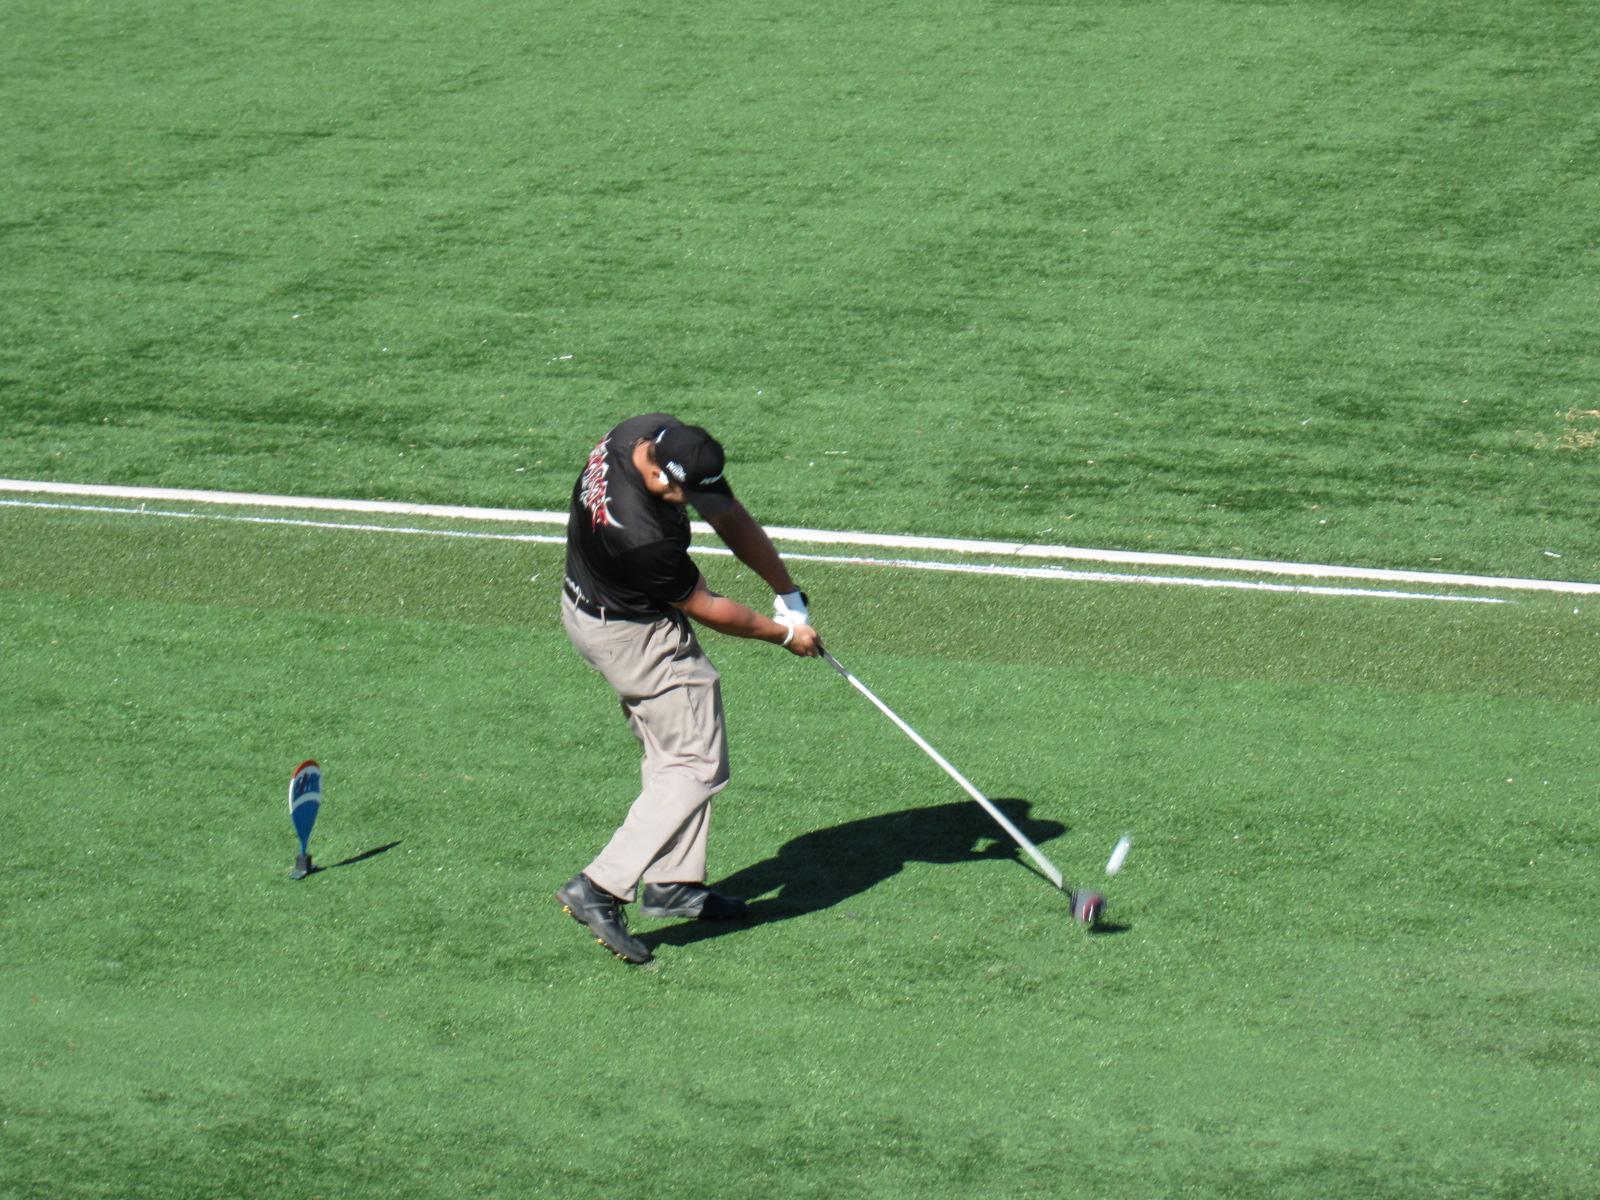 Ryan Winther es el golfista que ha logrado la mayor velocidad.